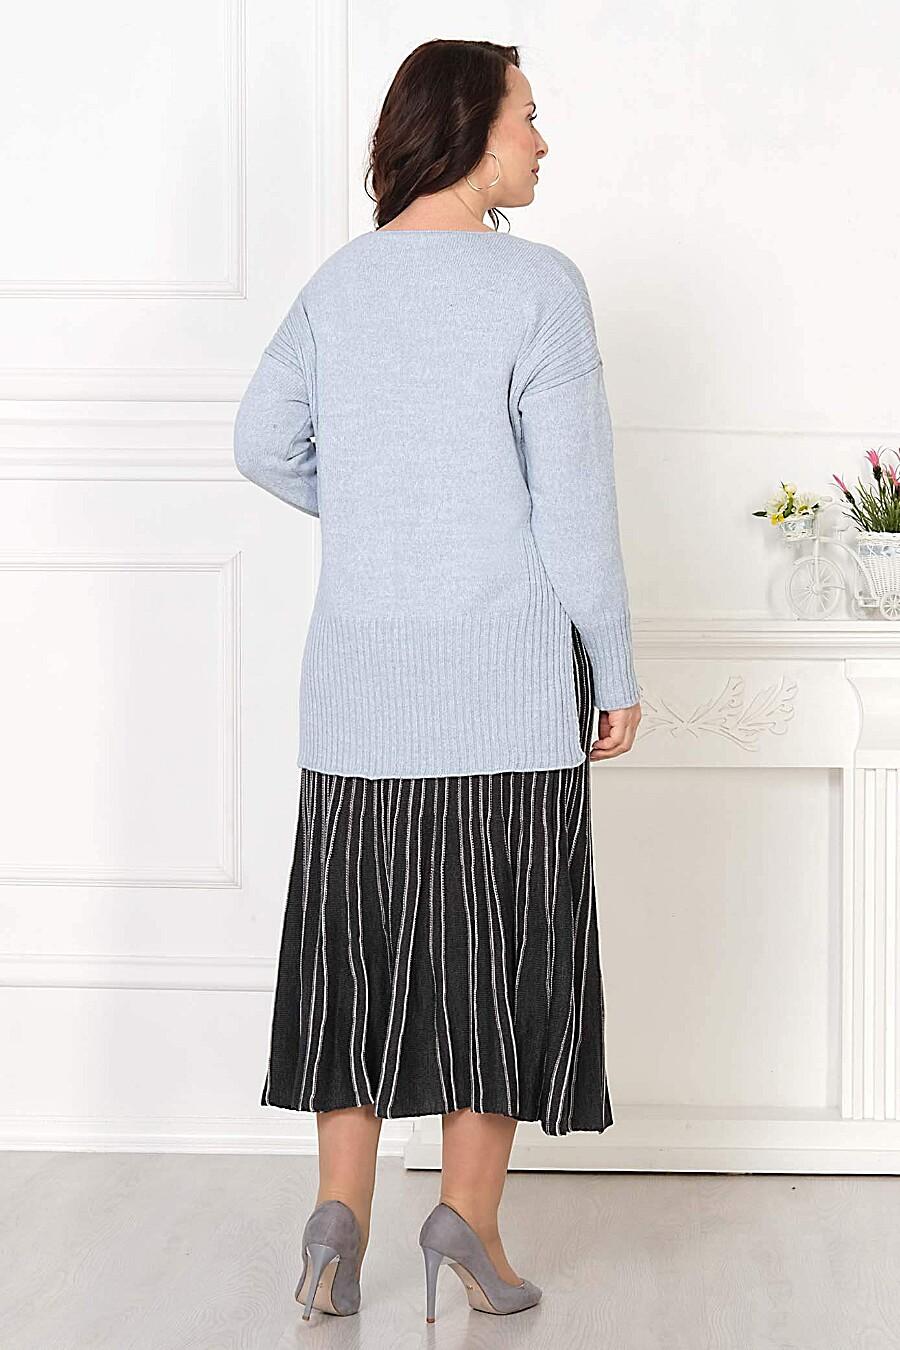 Джемпер для женщин ANKOLI 184513 купить оптом от производителя. Совместная покупка женской одежды в OptMoyo